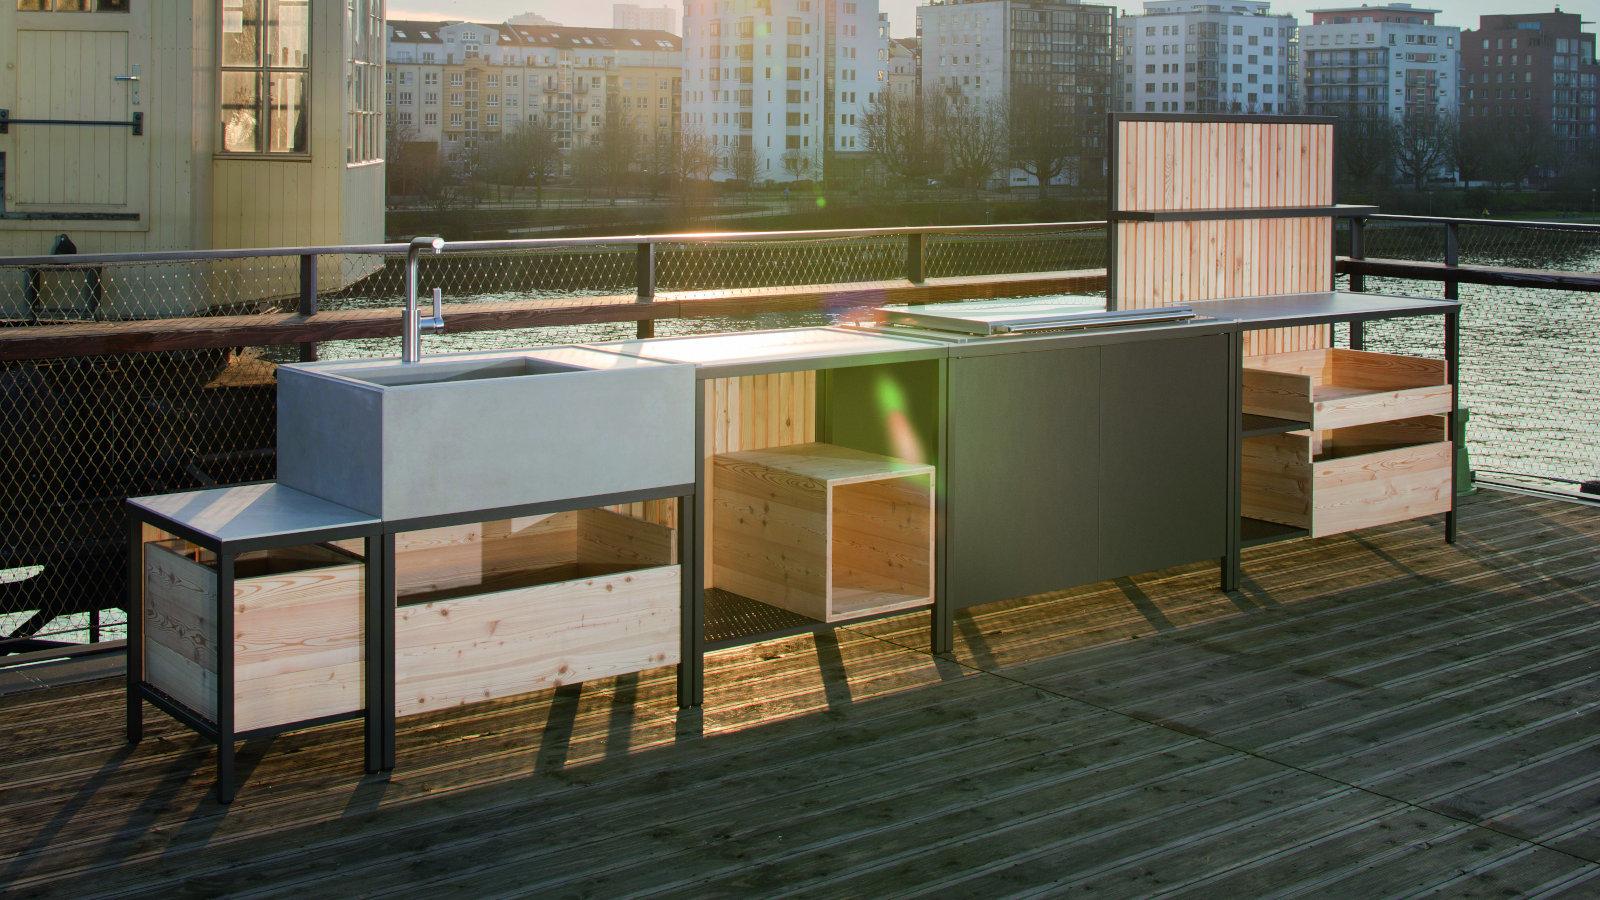 Outdoor Küche Kaufmann : Kaufmann grillkitchen block outdoor küche bei gardelino